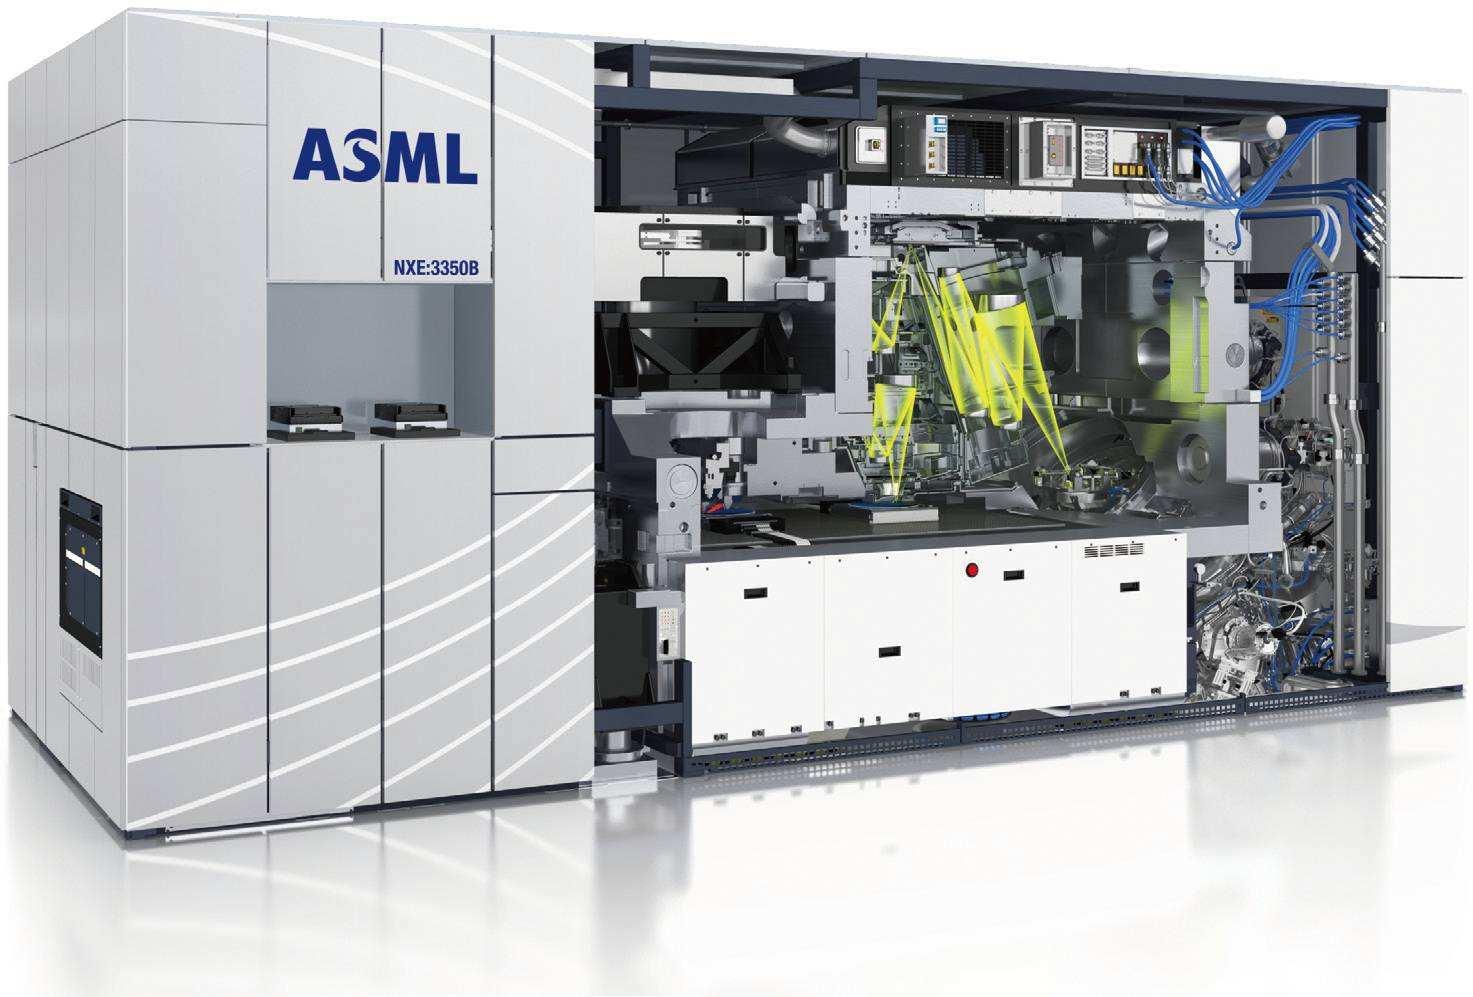 中国人窃取ASML光刻机机密?